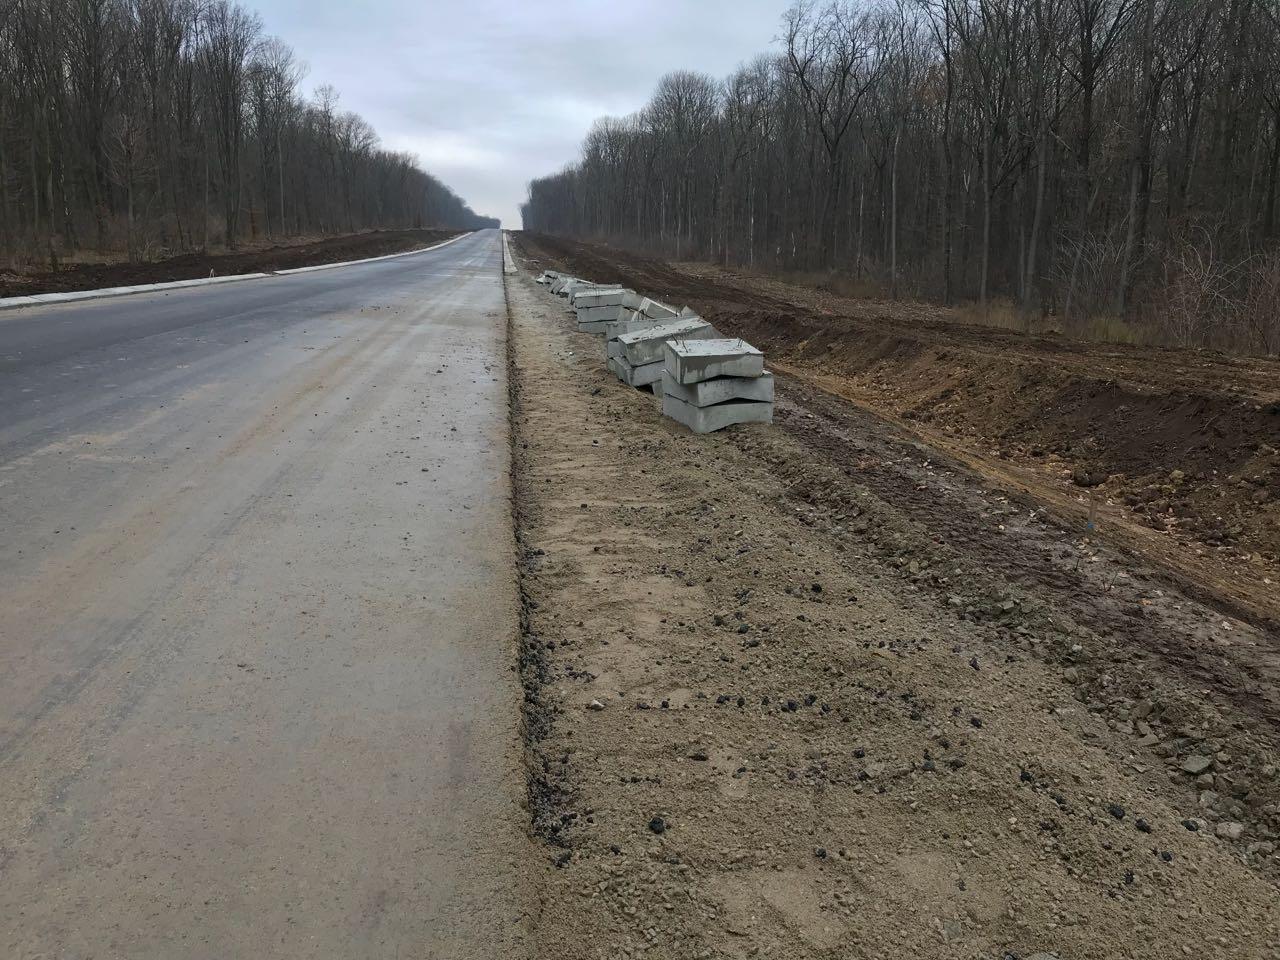 Об'їзну дорогу на Кіровоградщині, заради якої за часів Ларіна знищили гектари лісу, нарешті відкриють для транспорту. ФОТО. ВІДЕО 2